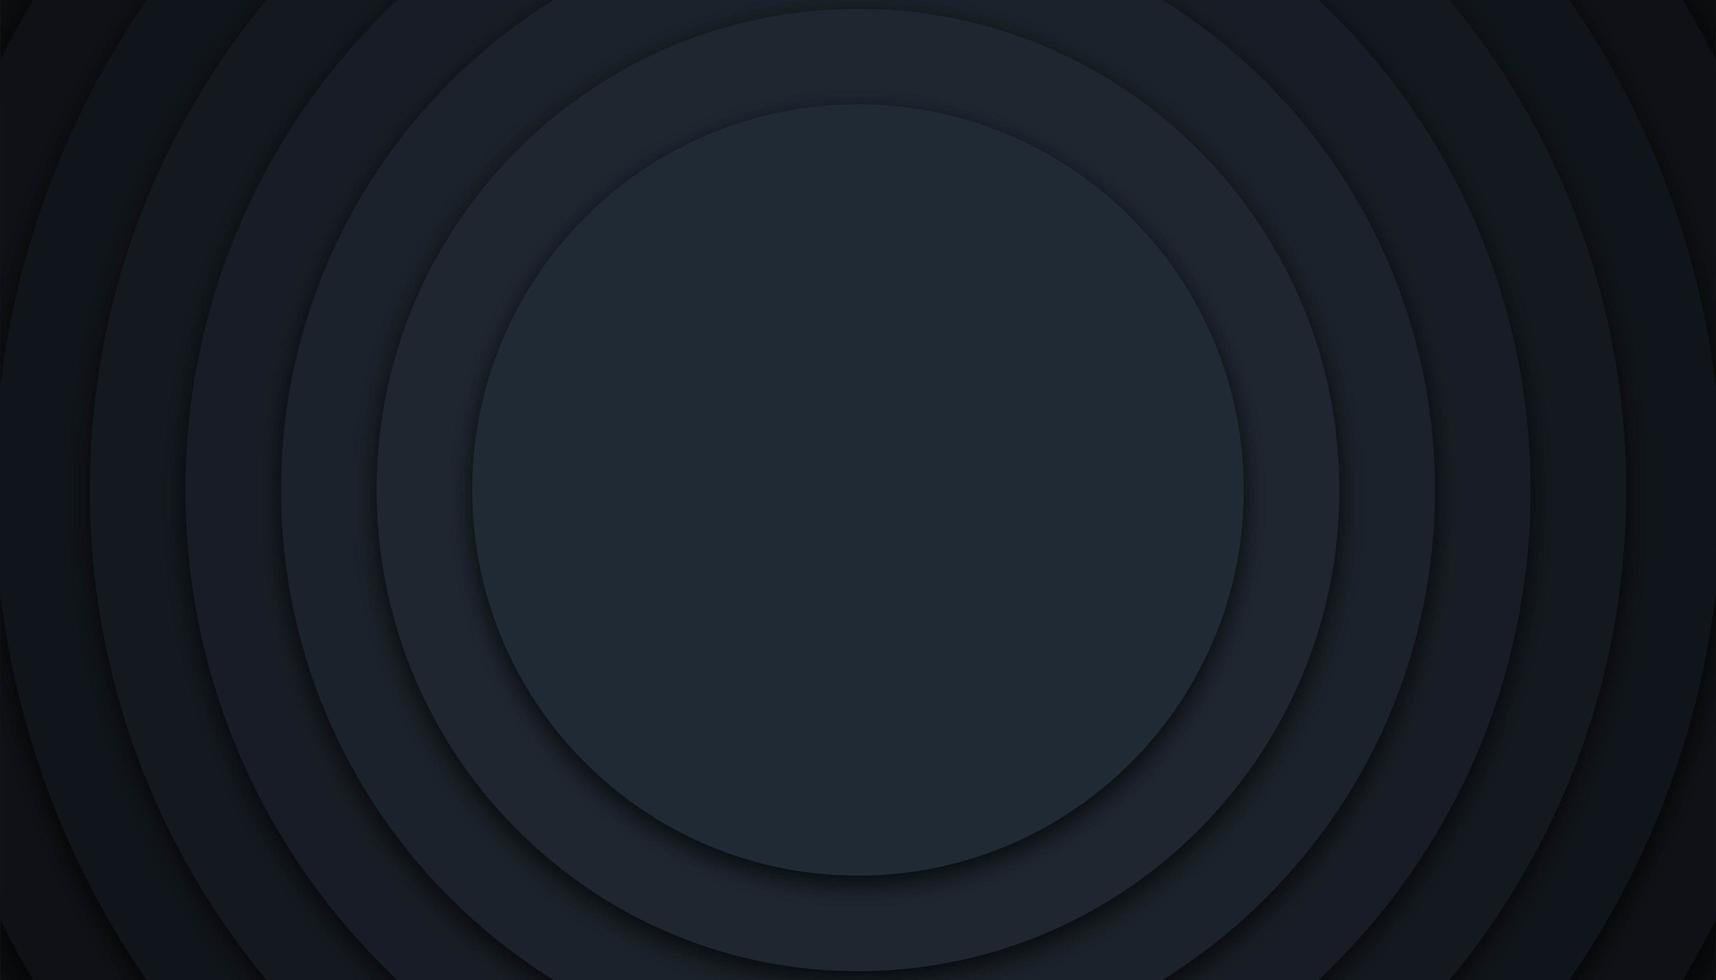 design em camadas geométrico circular preto vetor